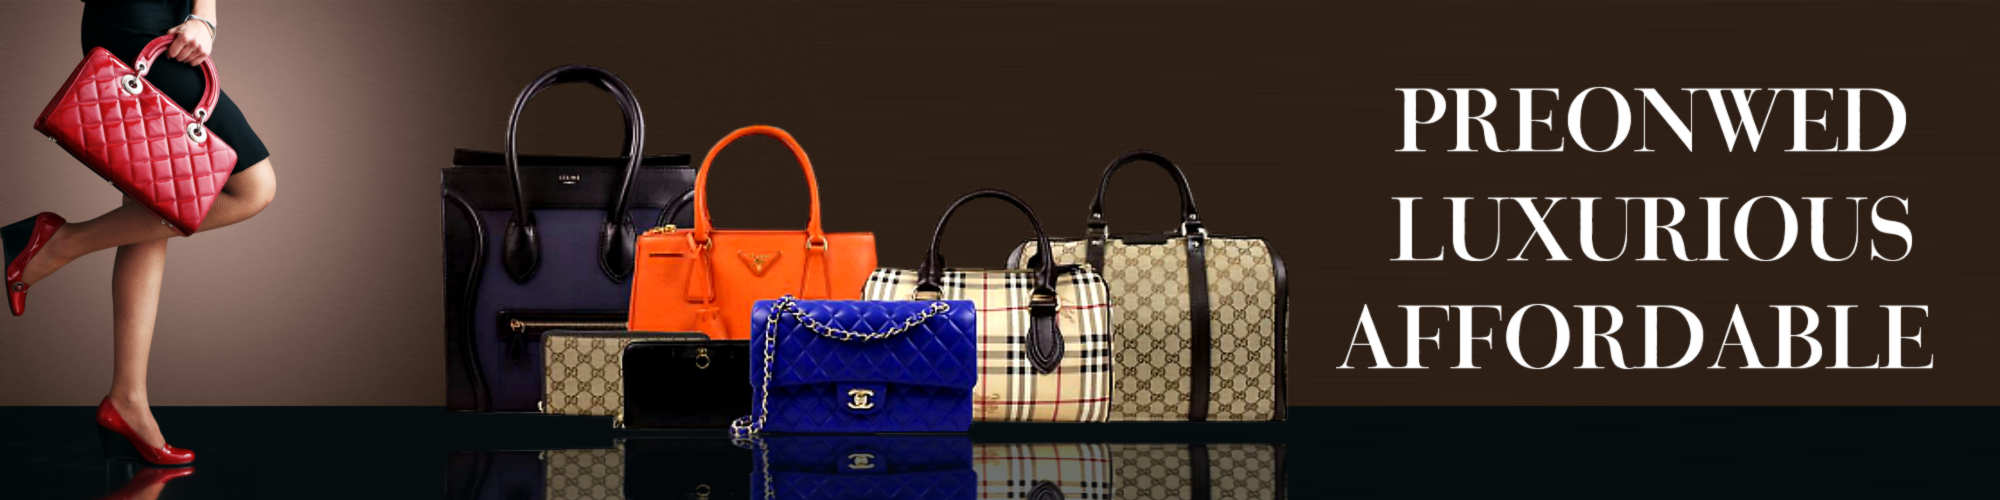 Sell Designer Handbags - Gemandloan